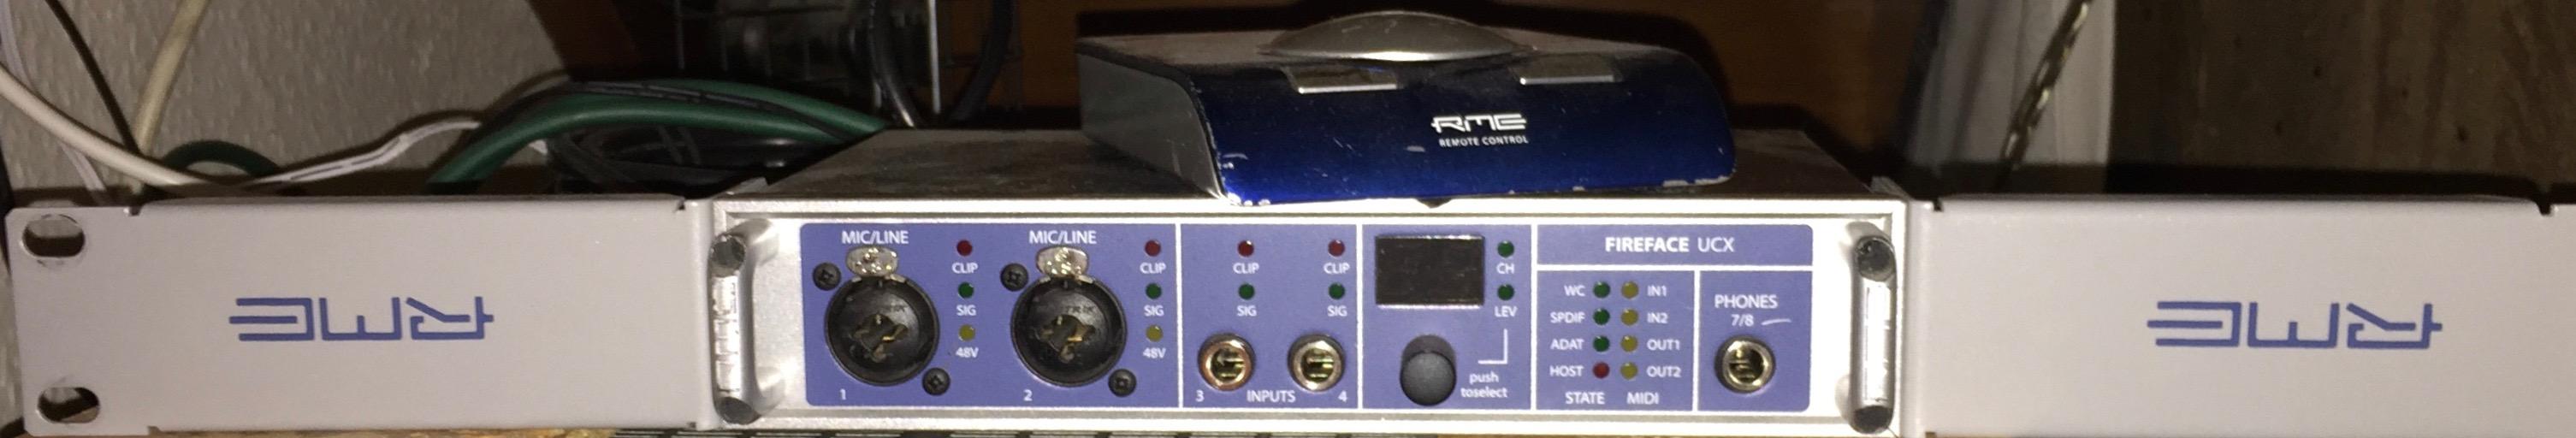 Sound devices usbpre